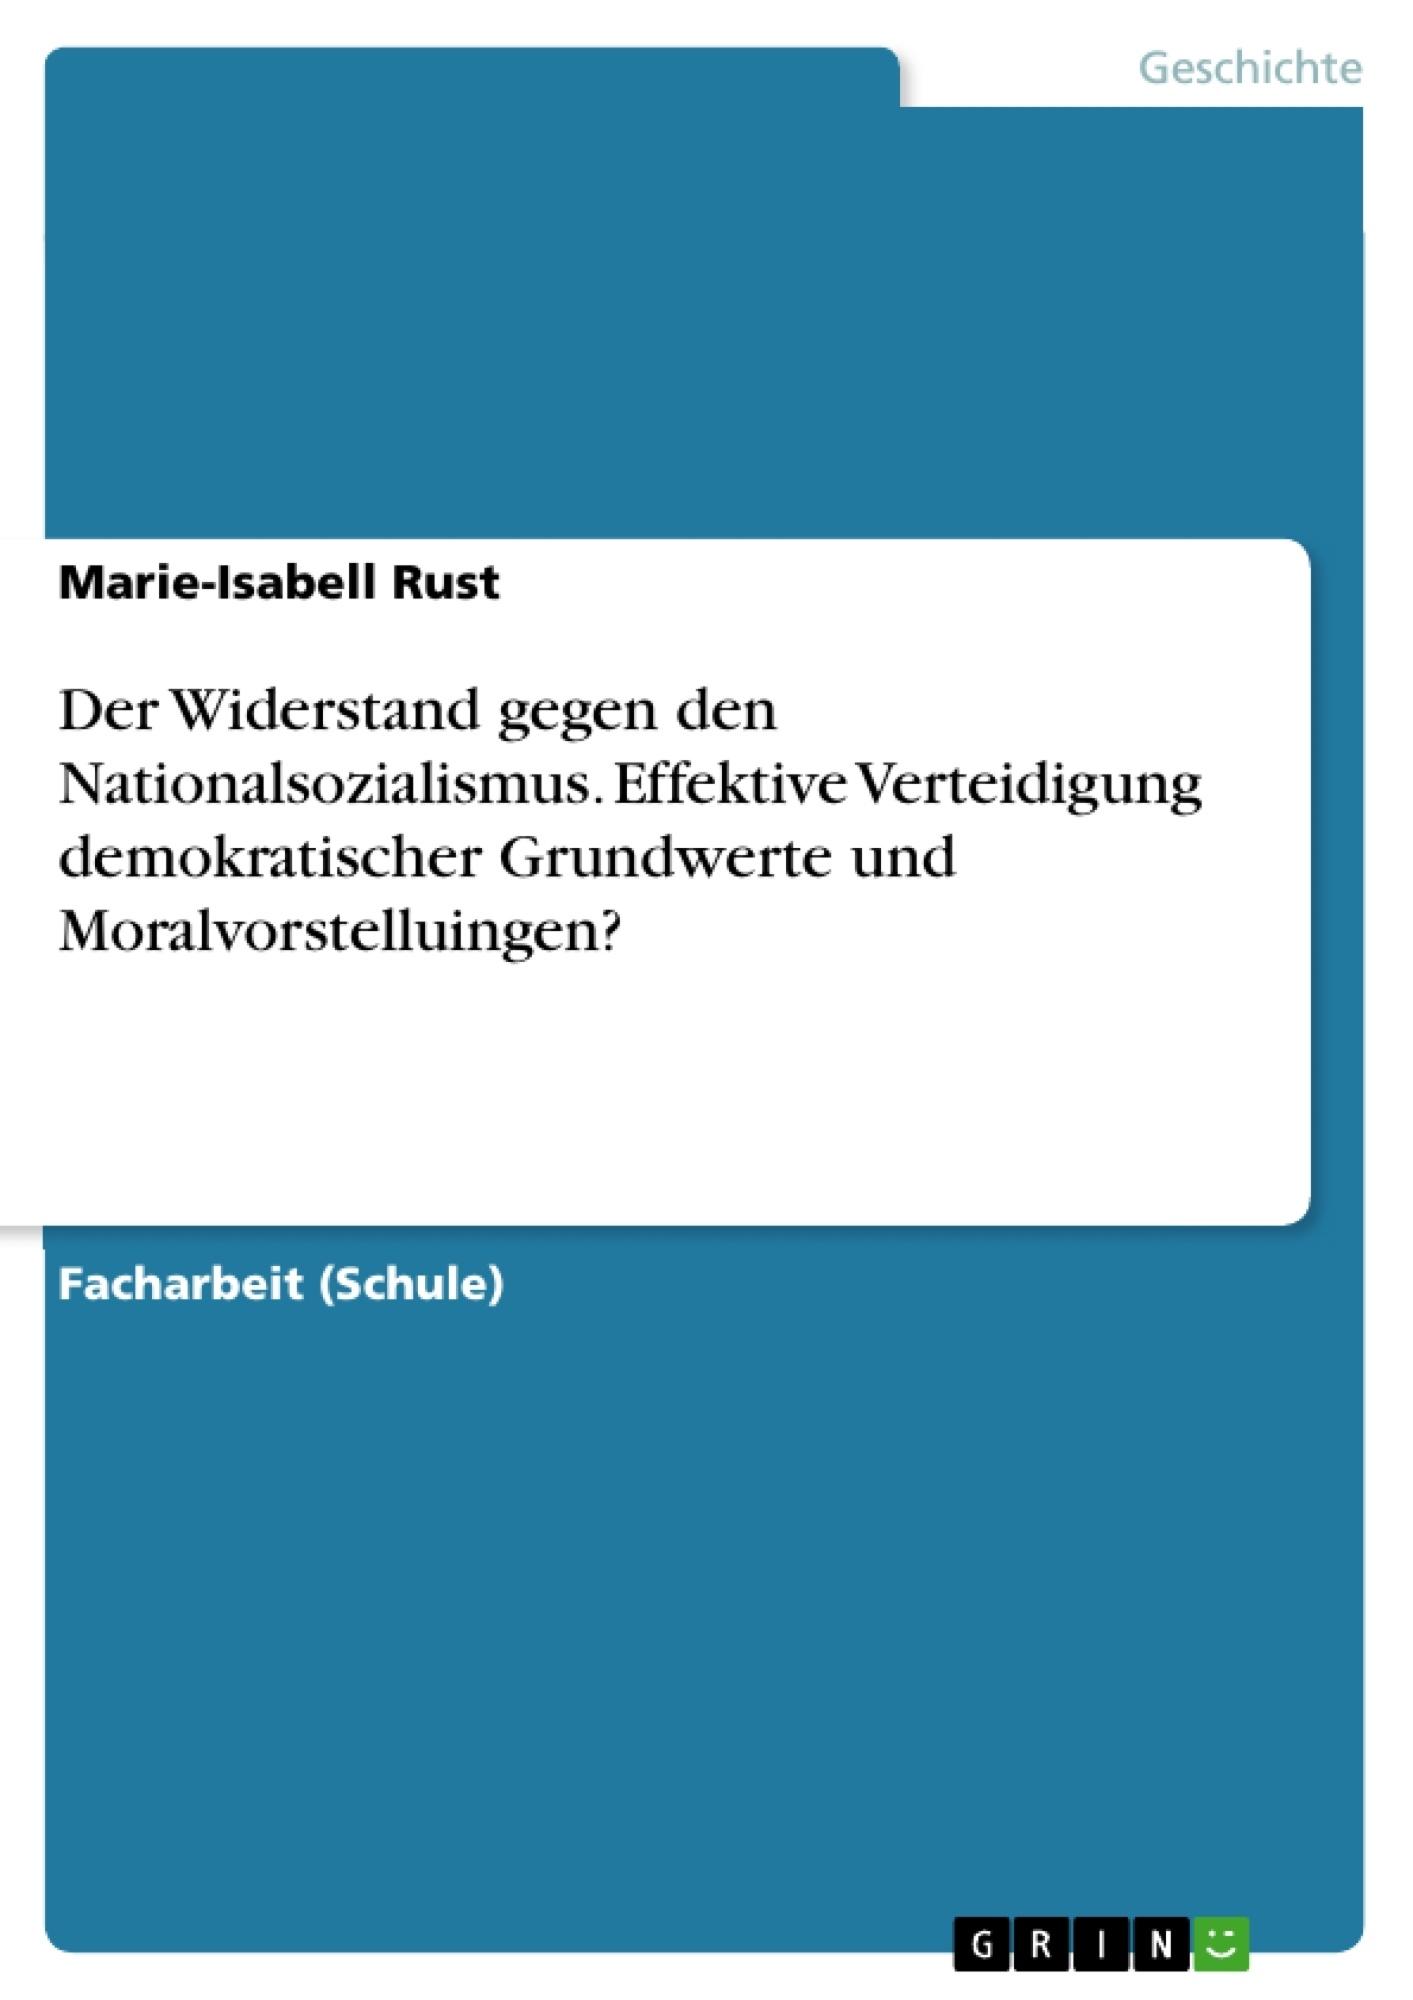 Titel: Der Widerstand gegen den Nationalsozialismus. Effektive Verteidigung demokratischer Grundwerte und Moralvorstelluingen?